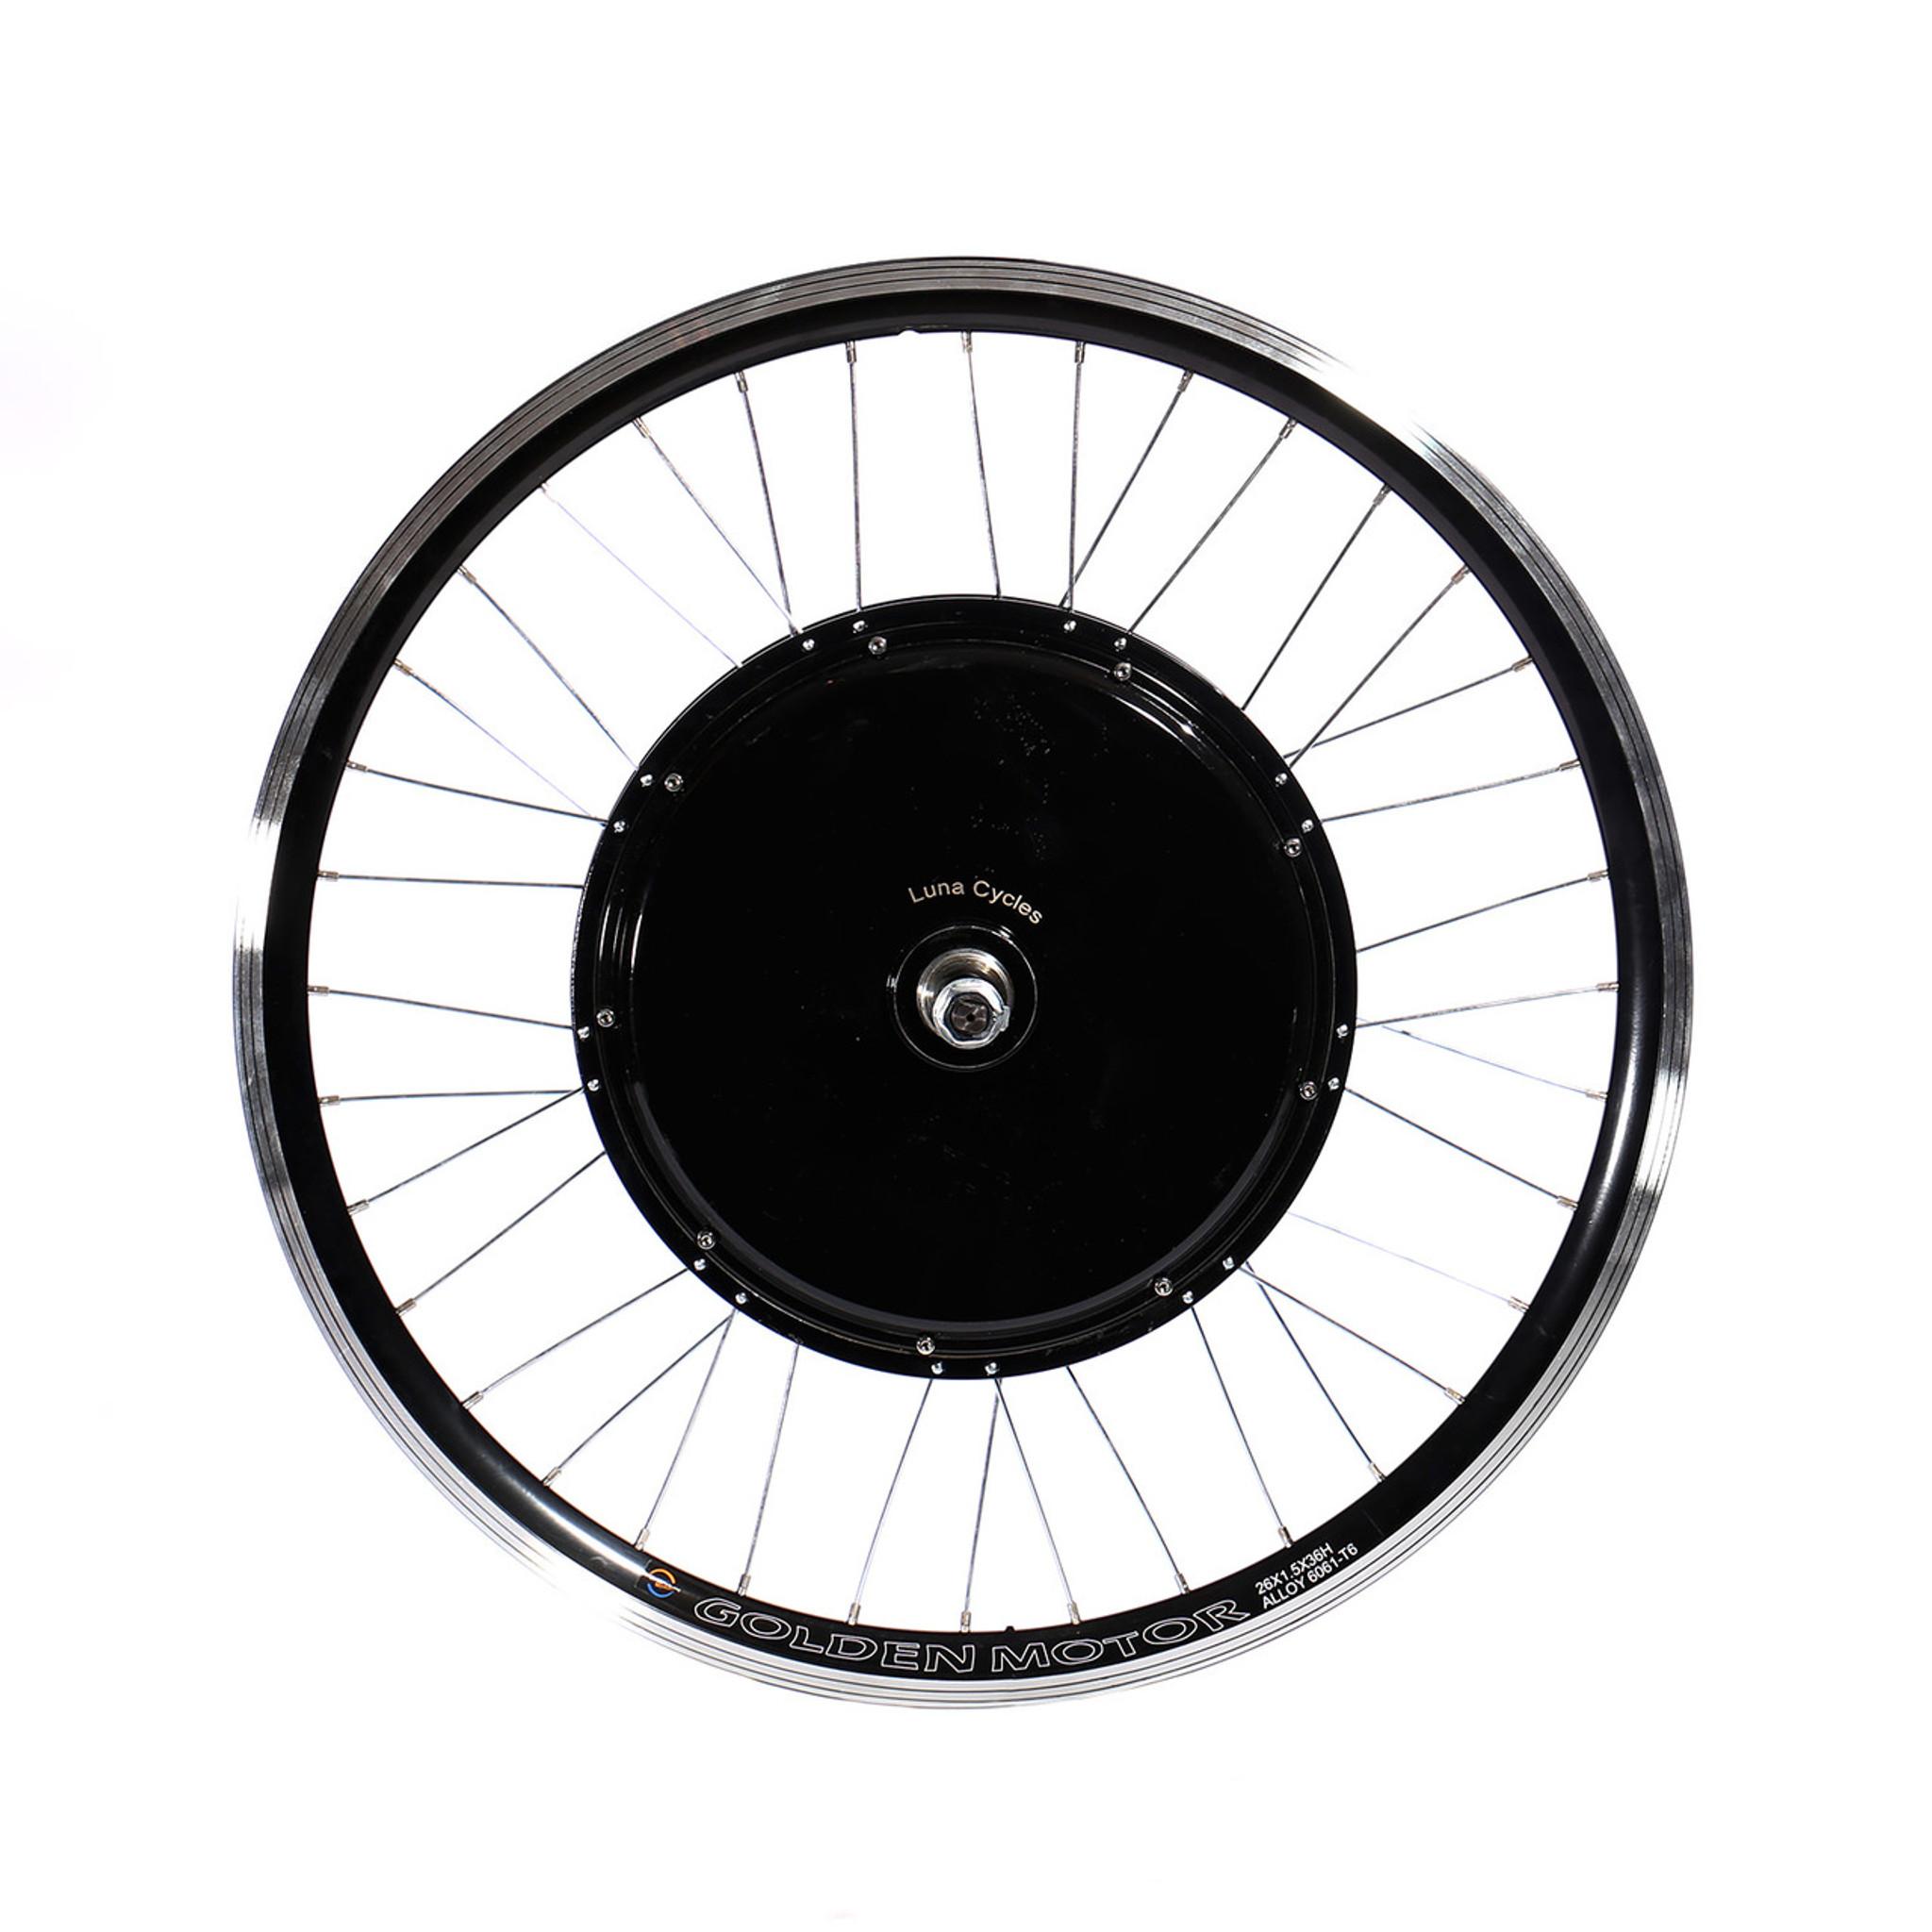 golden pie v5 golden motor hub kit luna cycle rh lunacycle com